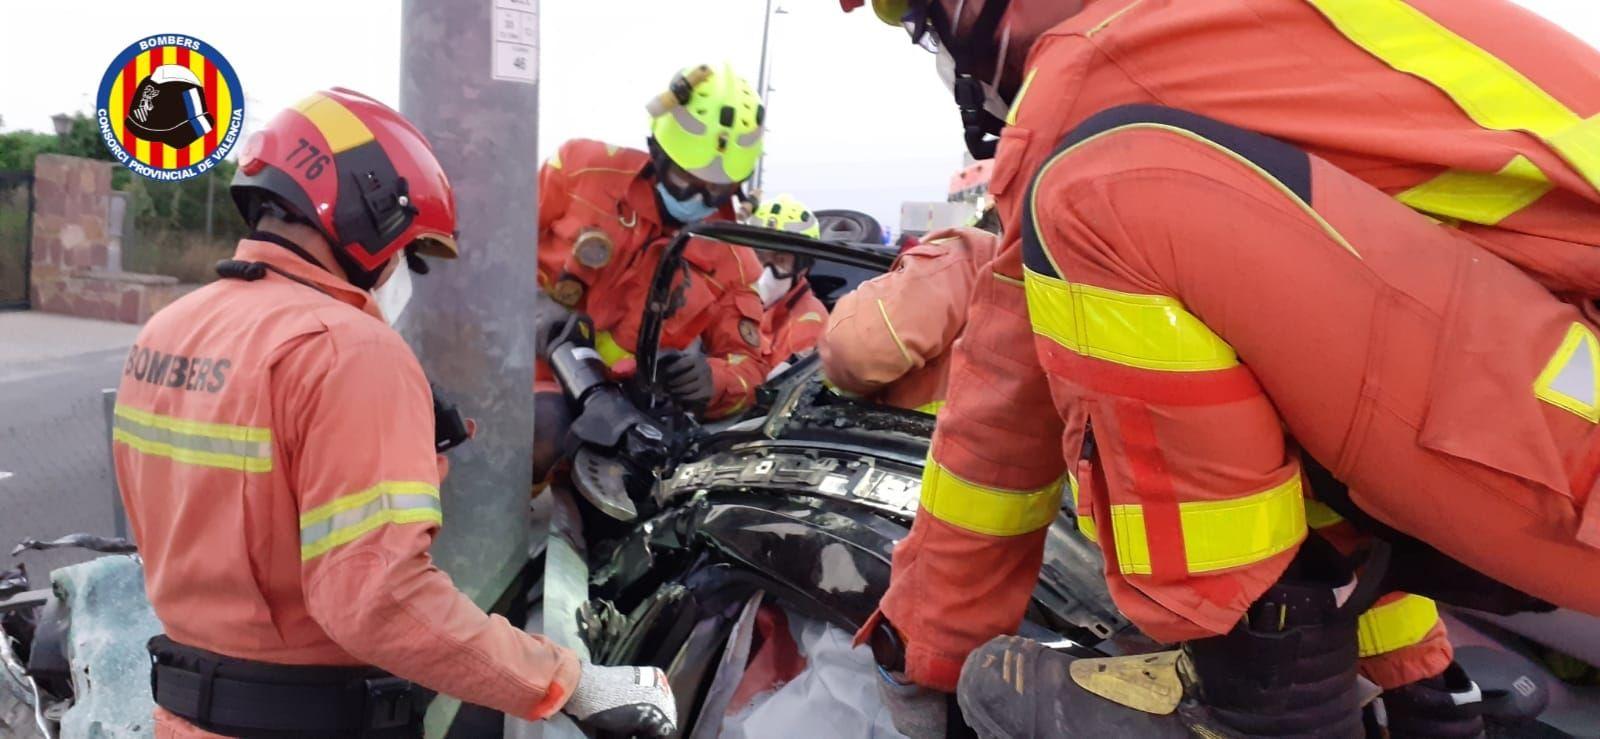 Tres heridos en un accidente en la CV35 a la altura de San Antonio de Benagéber